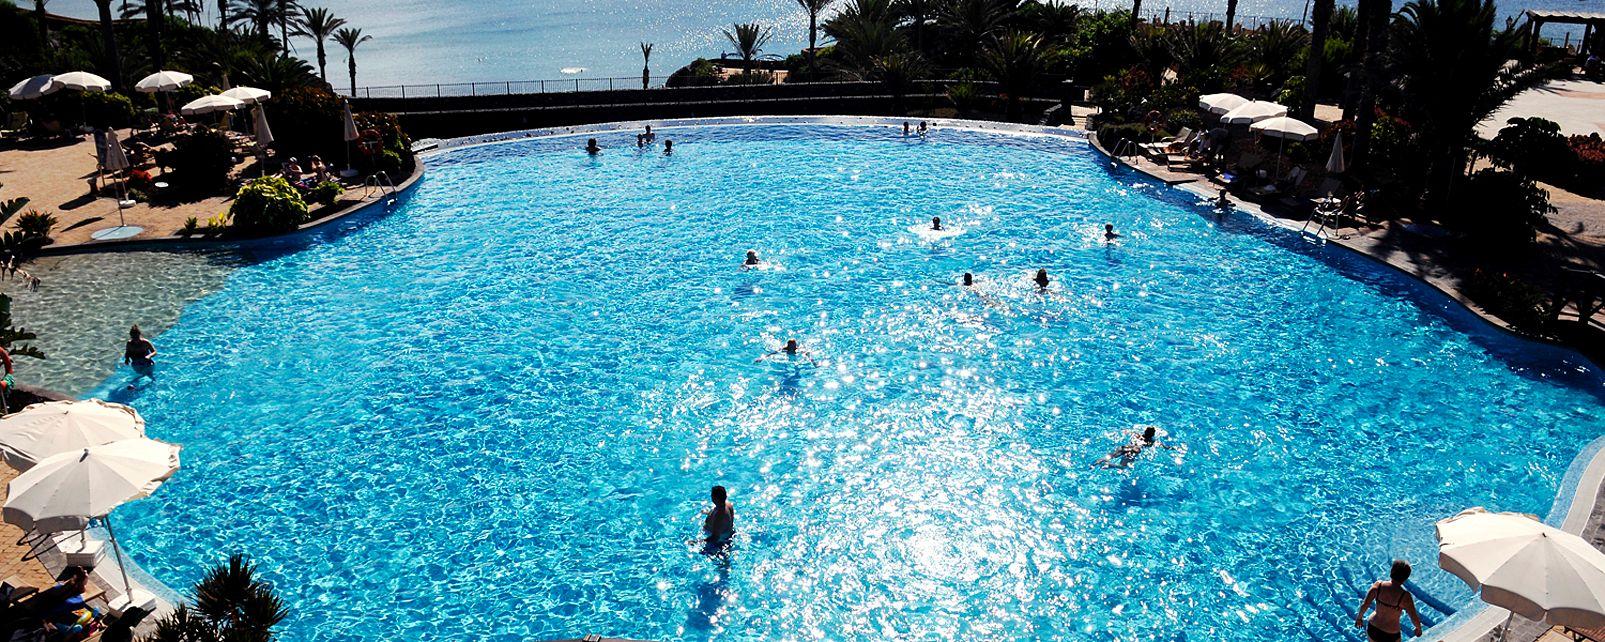 Hotel R2 Rio Calma